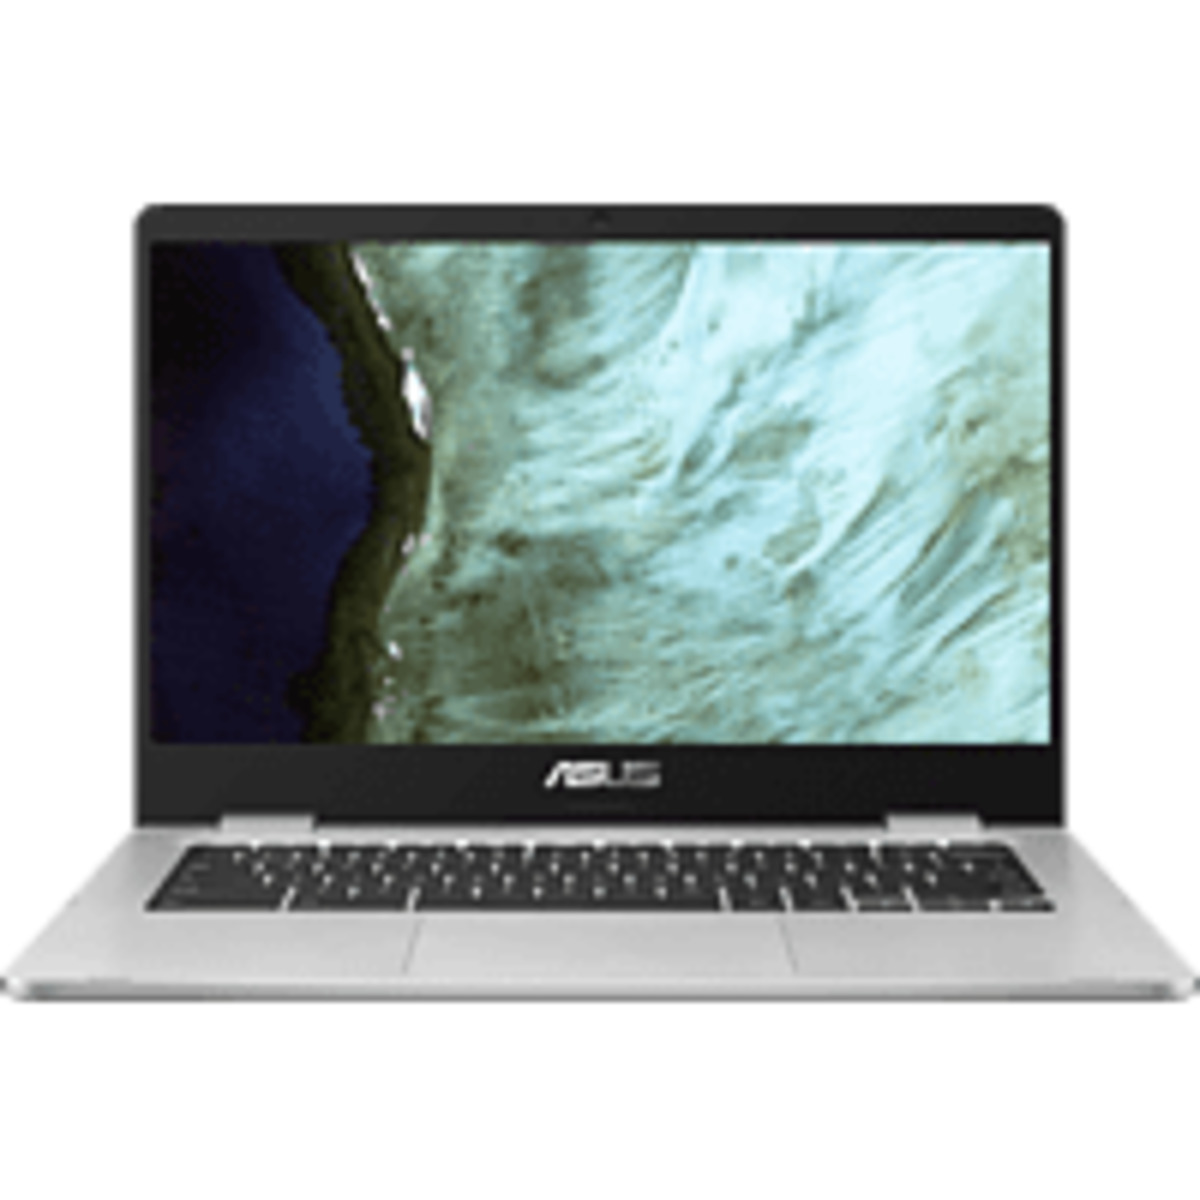 Bild 1 von ASUS Chromebook C423 (C423NA-EB0243), Chromebook mit 14 Zoll Display, Pentium® Prozessor, 4 GB RAM, 64 GB eMMC, Intel HD Grafik 500, Schwarz/Silber